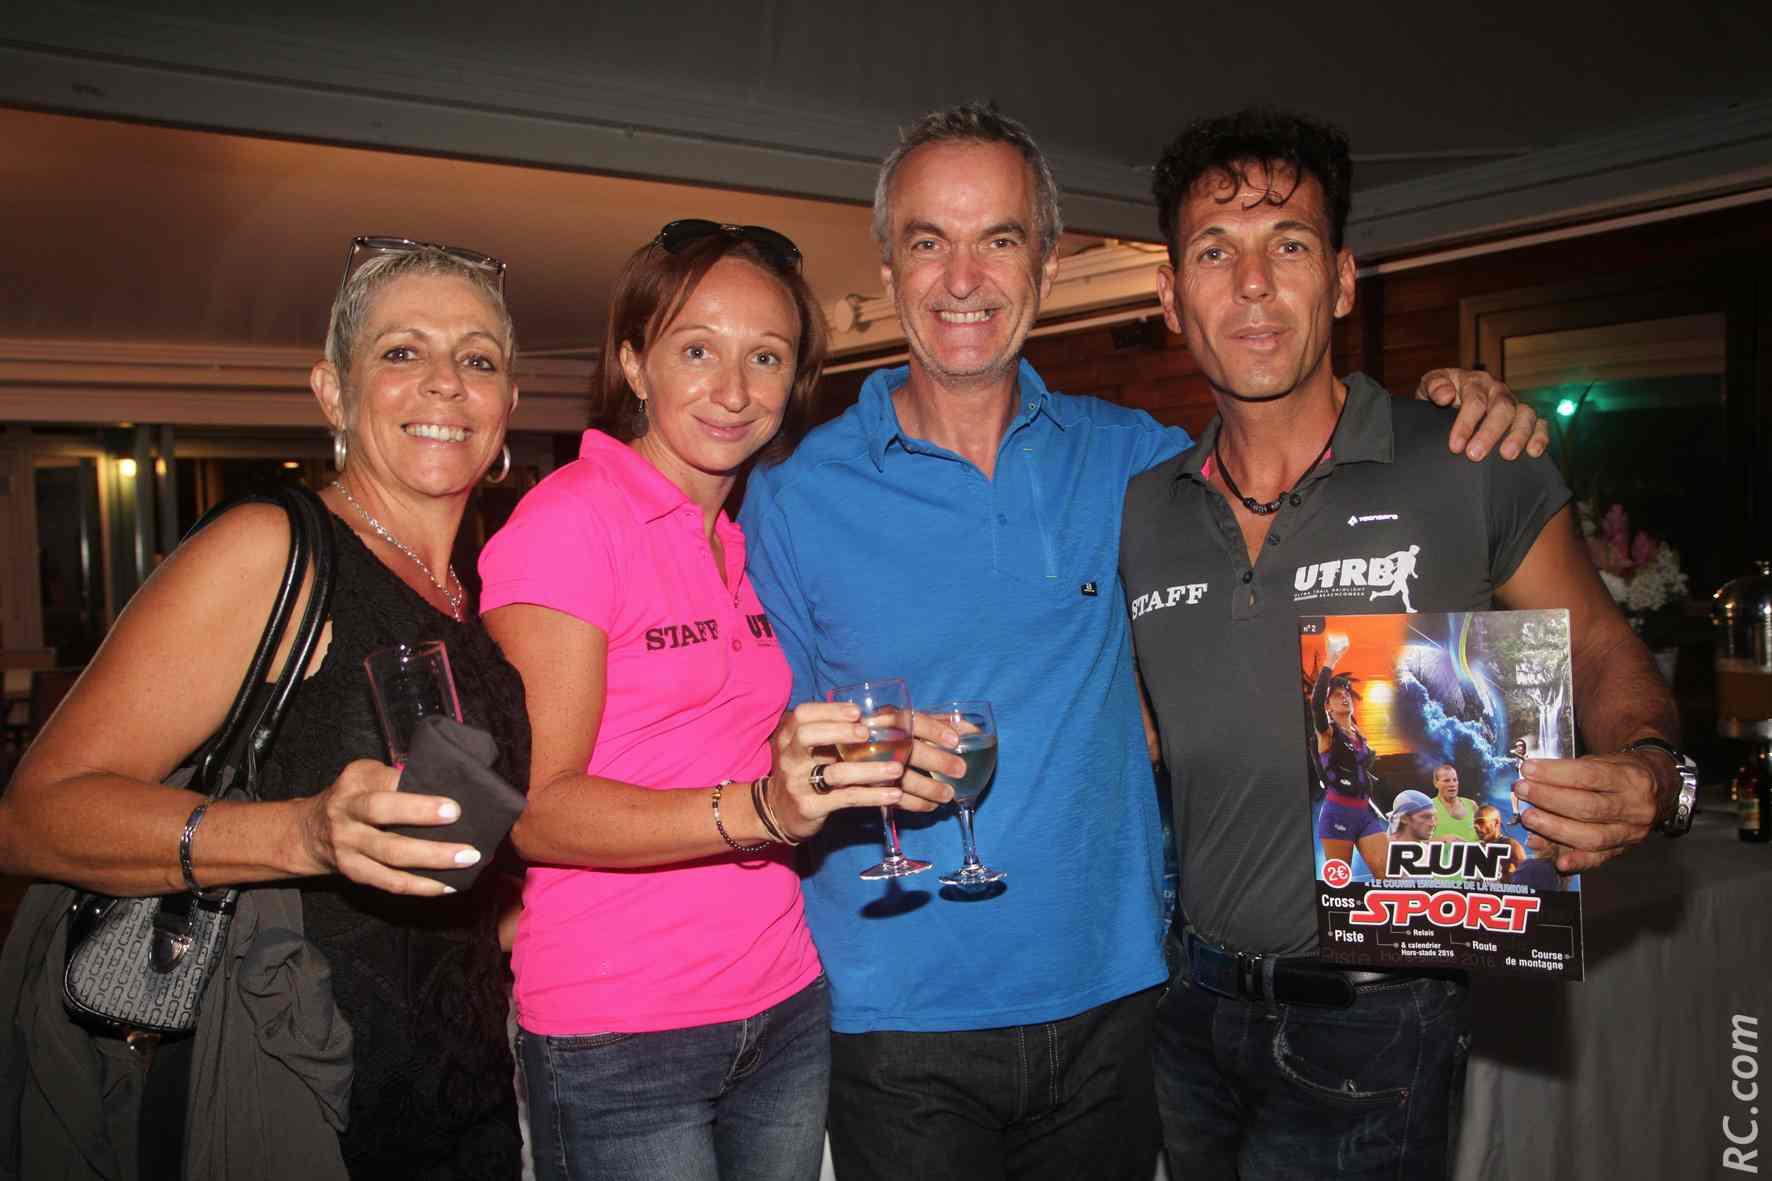 Myrielle Hoareau, athlète, Véronique Victoire de l'équipe d'organisation, Laurent Allard de Salomon et Chris Hamer, directeur de course